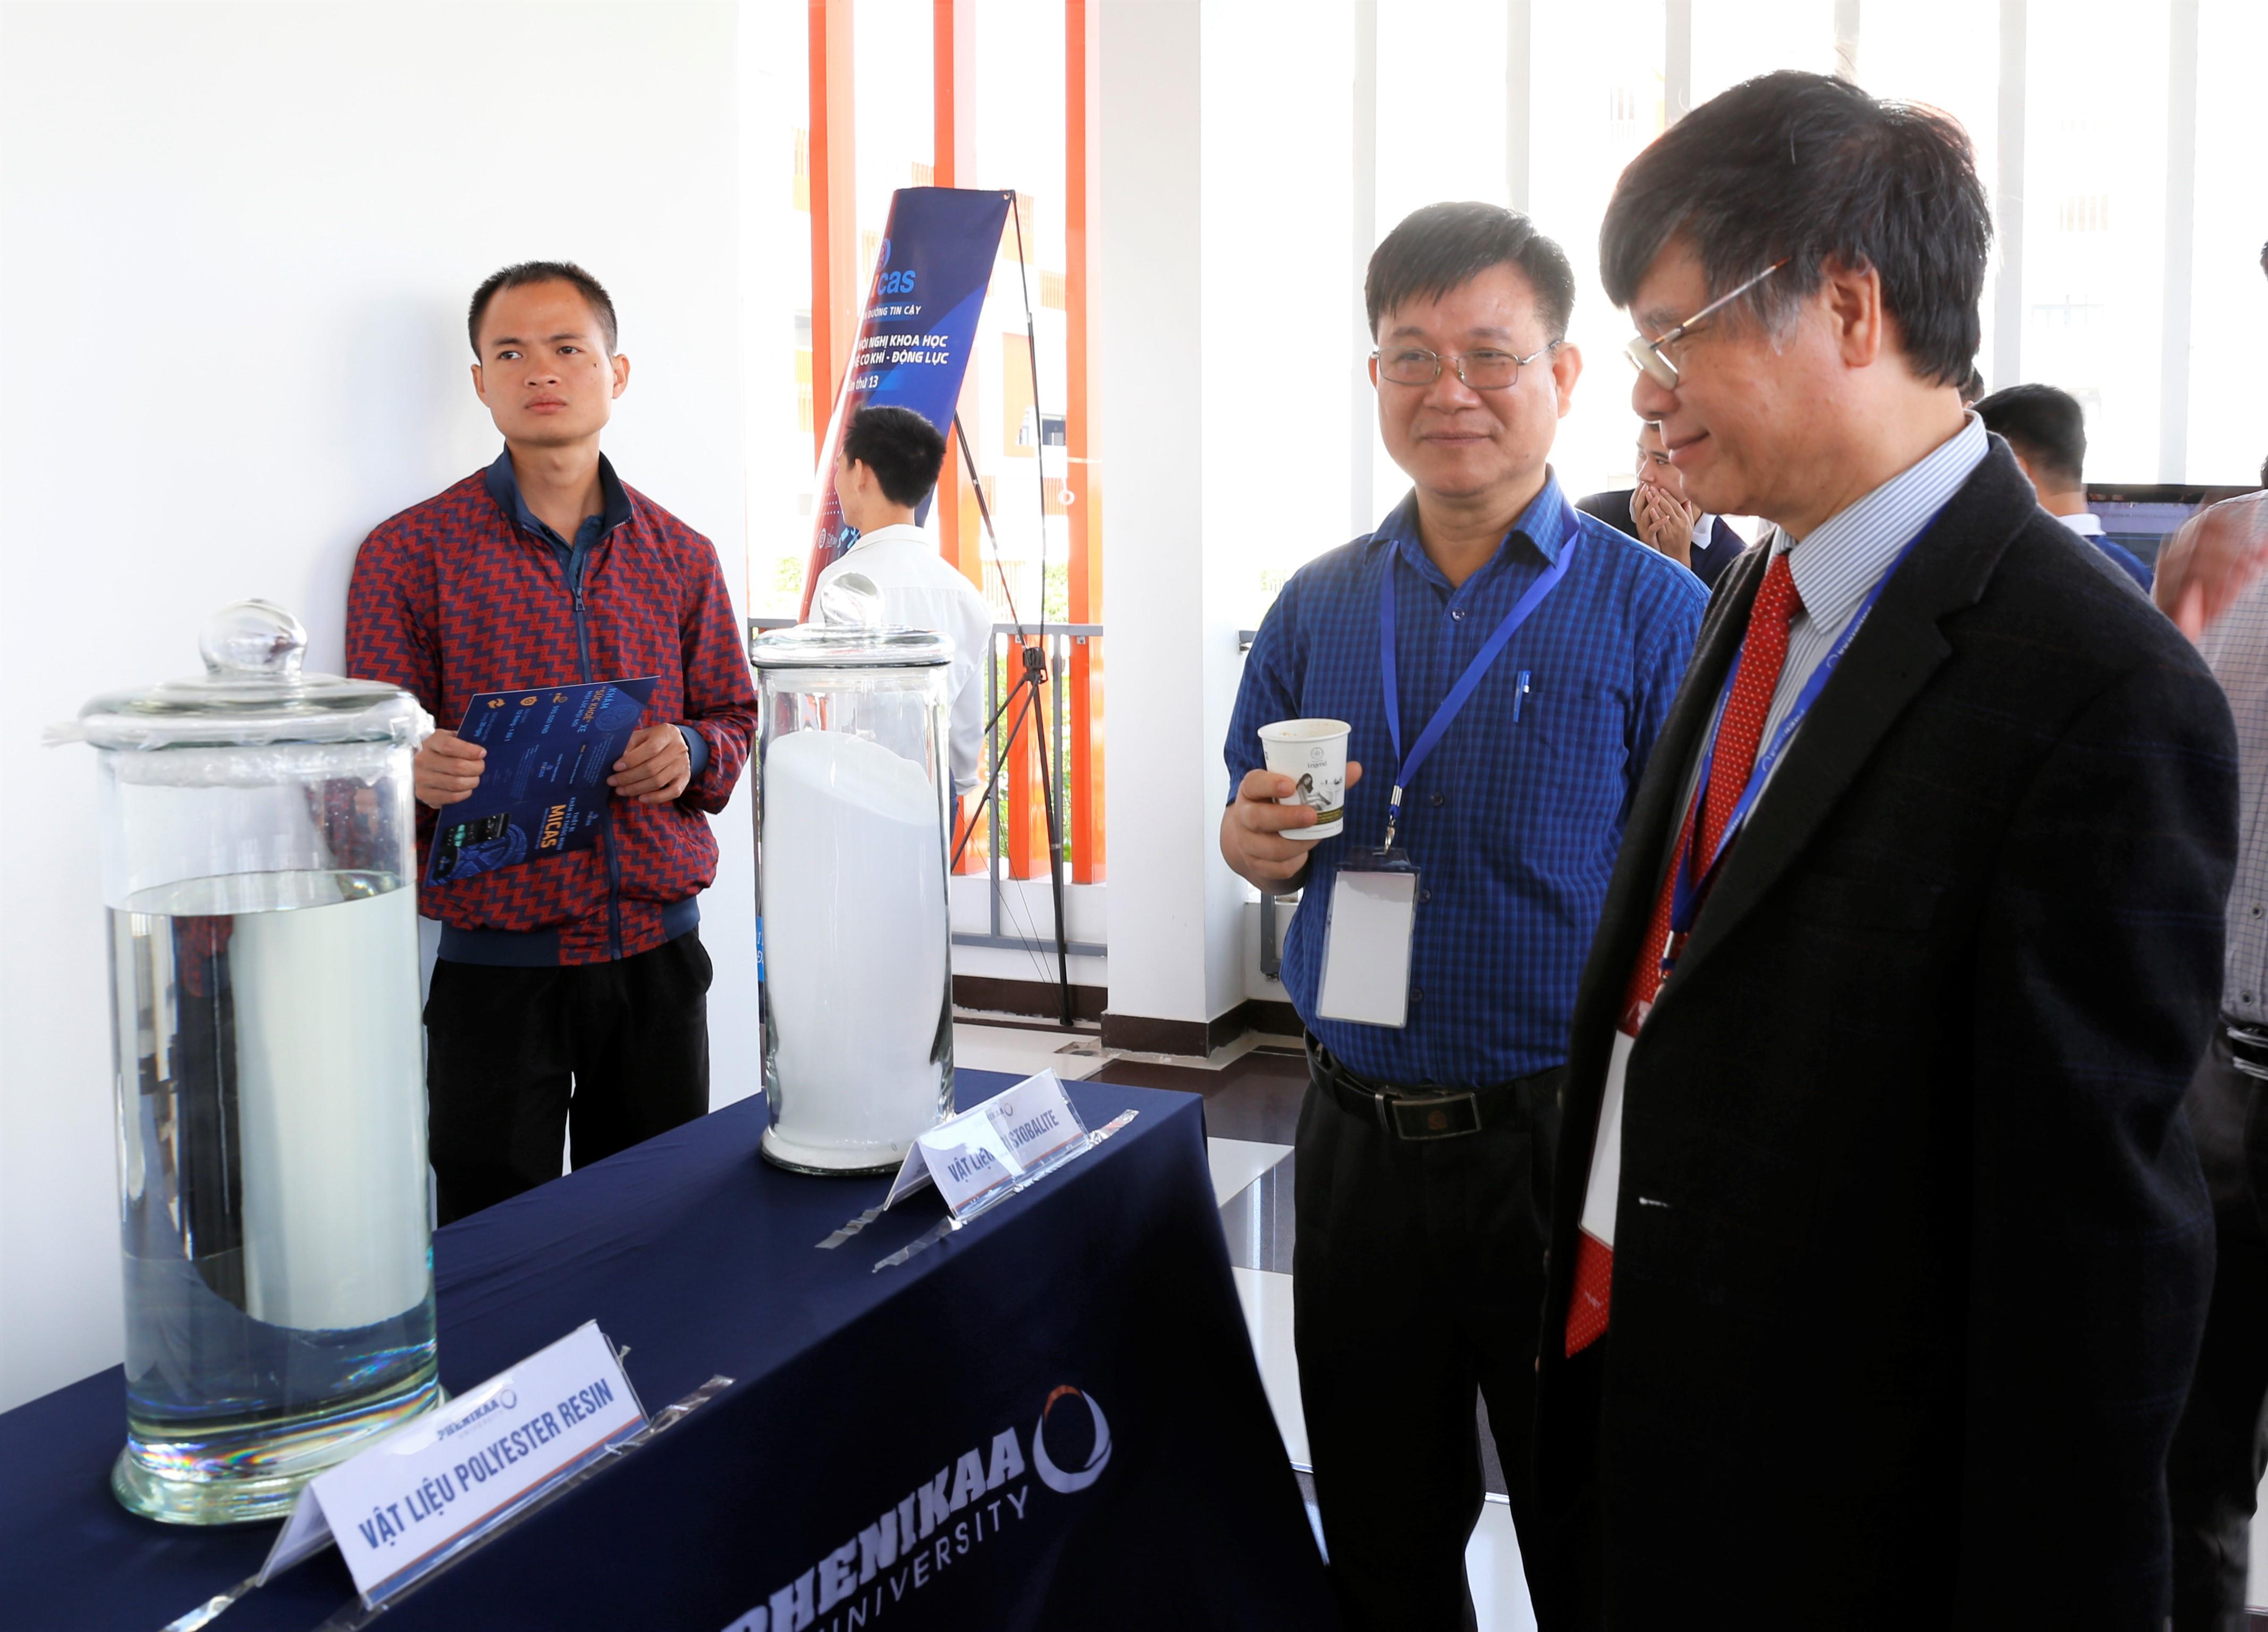 Trưng bày sản phẩm bên lề Hội nghị KH&CN Cơ khí Động lực năm 2020 tại Trường ĐH Phenikaa, Hà Nội, 11/10/2020.